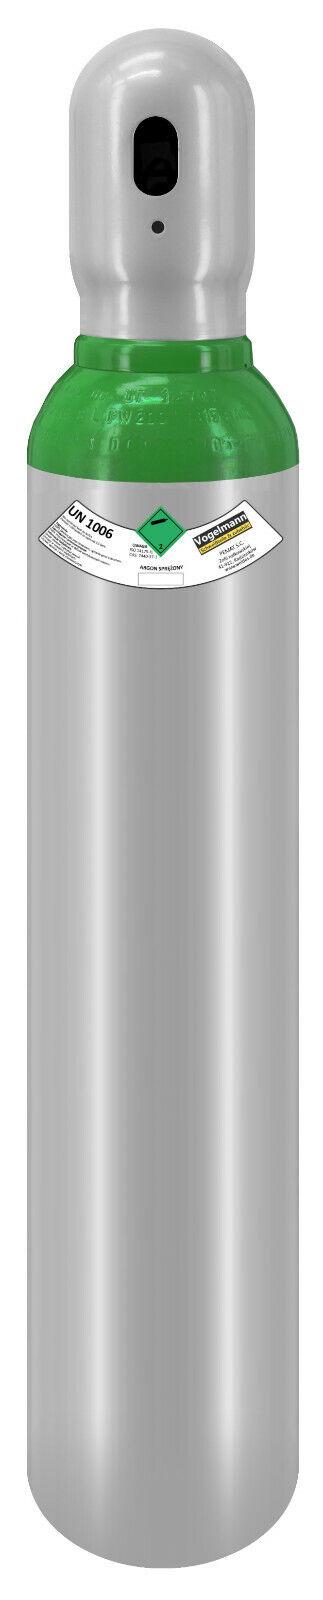 Gasflasche 8 Liter Argon 150bar voll 4.8 Schutzgas Schweißgas TIG WIG fabrikneu